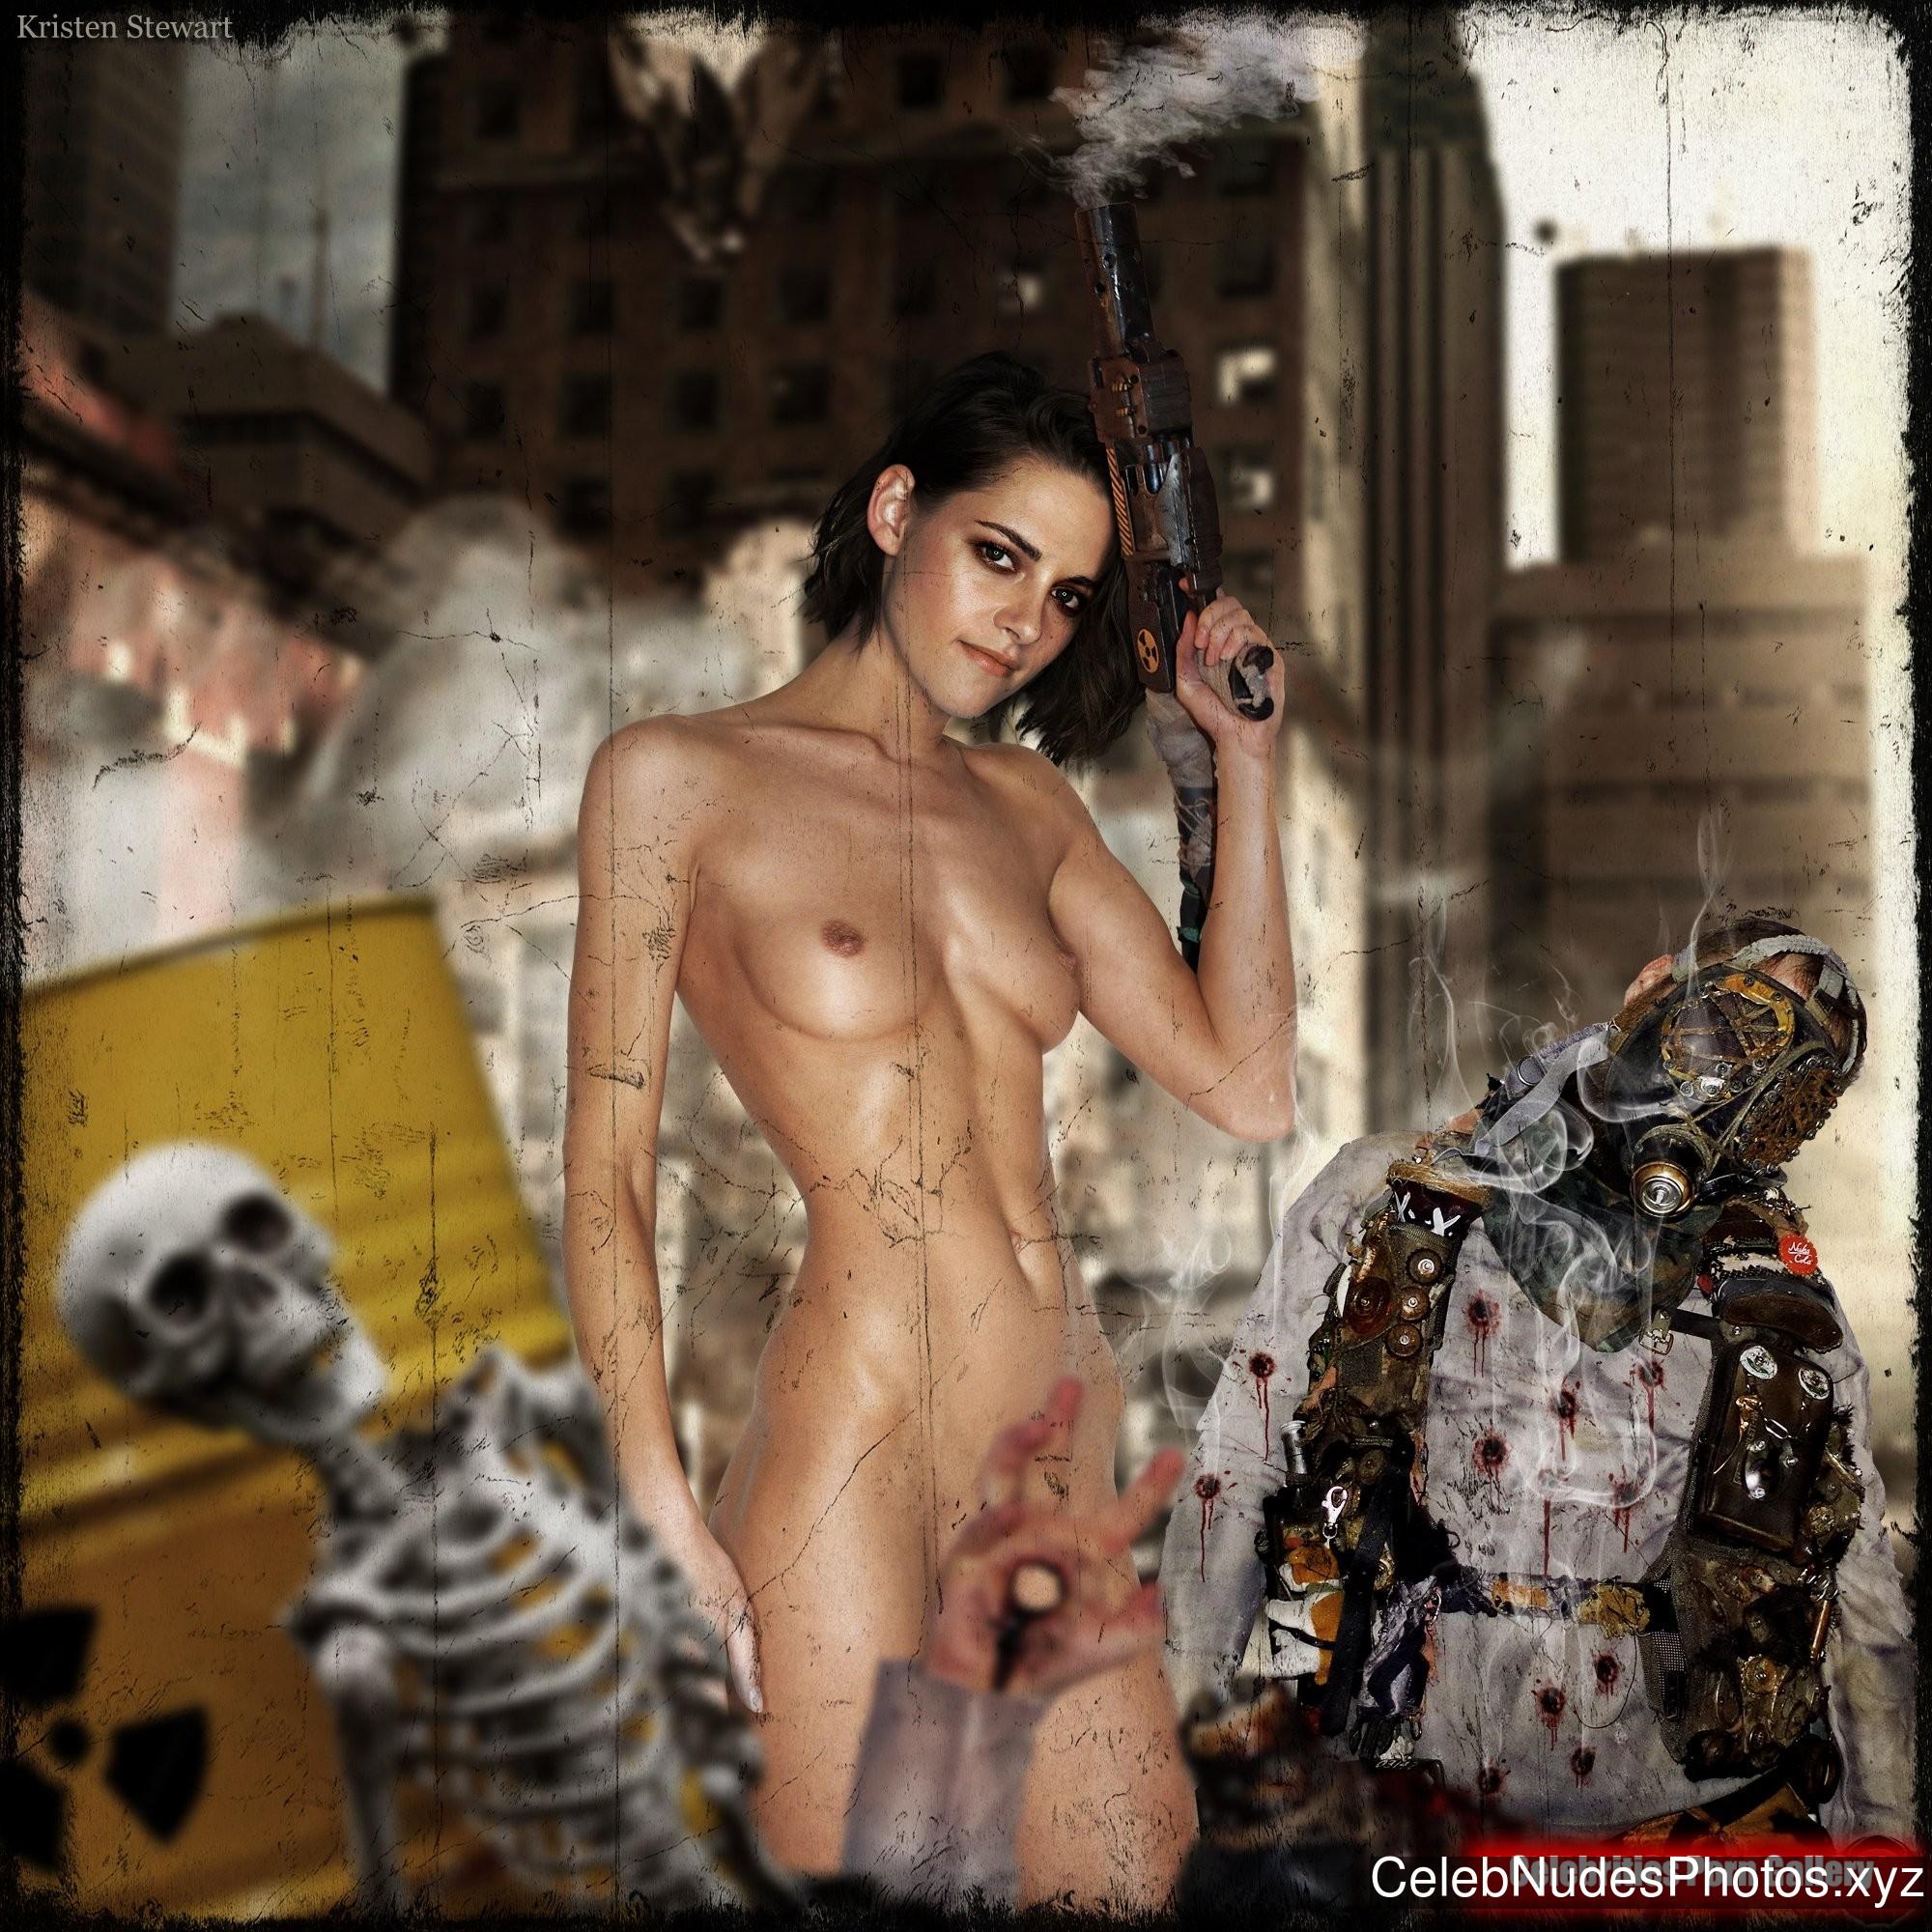 Kristen Stewart Celebrity Nude Pic sexy 31